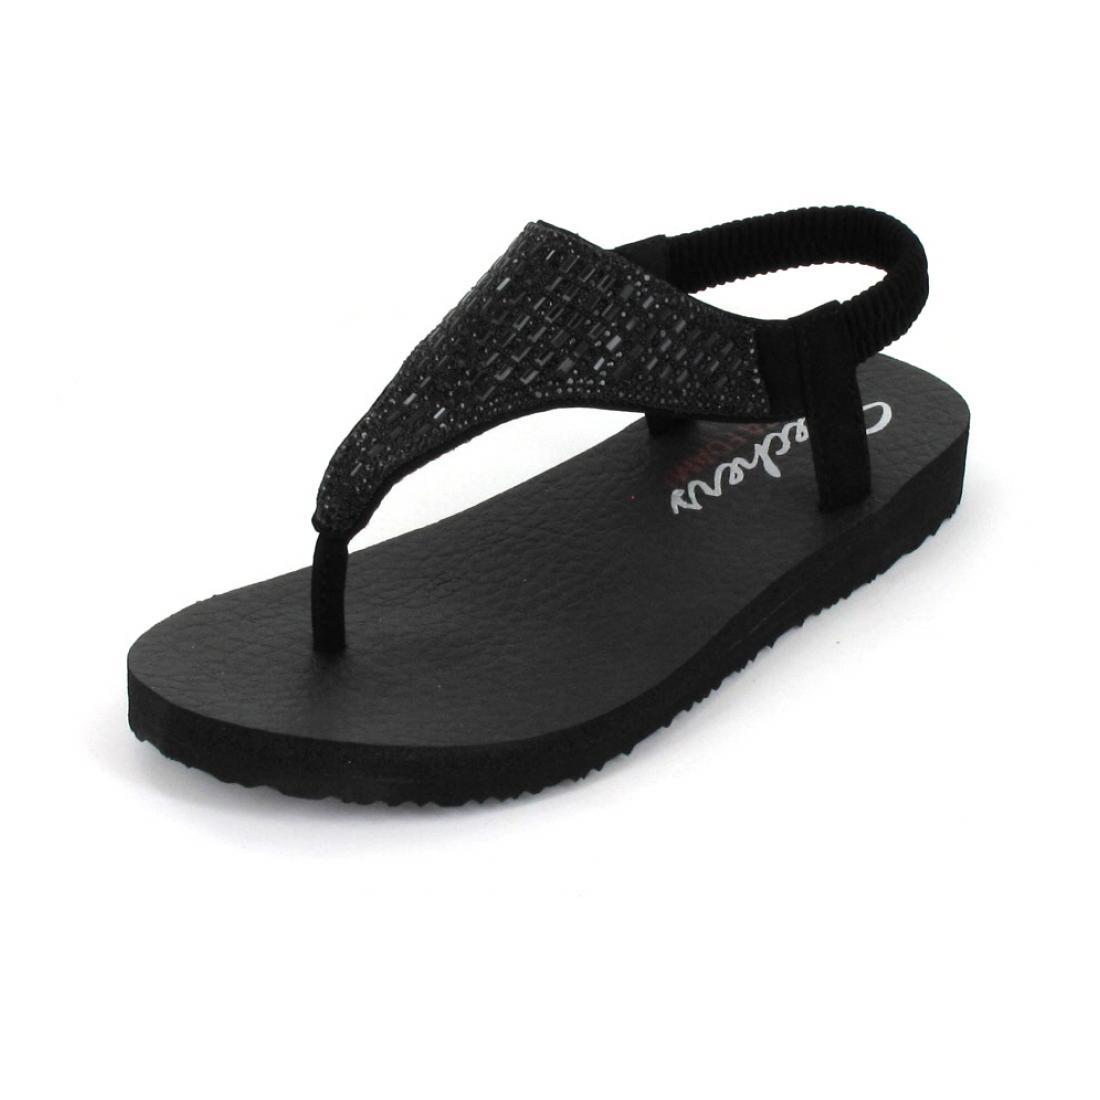 Skechers Sandalette BBK